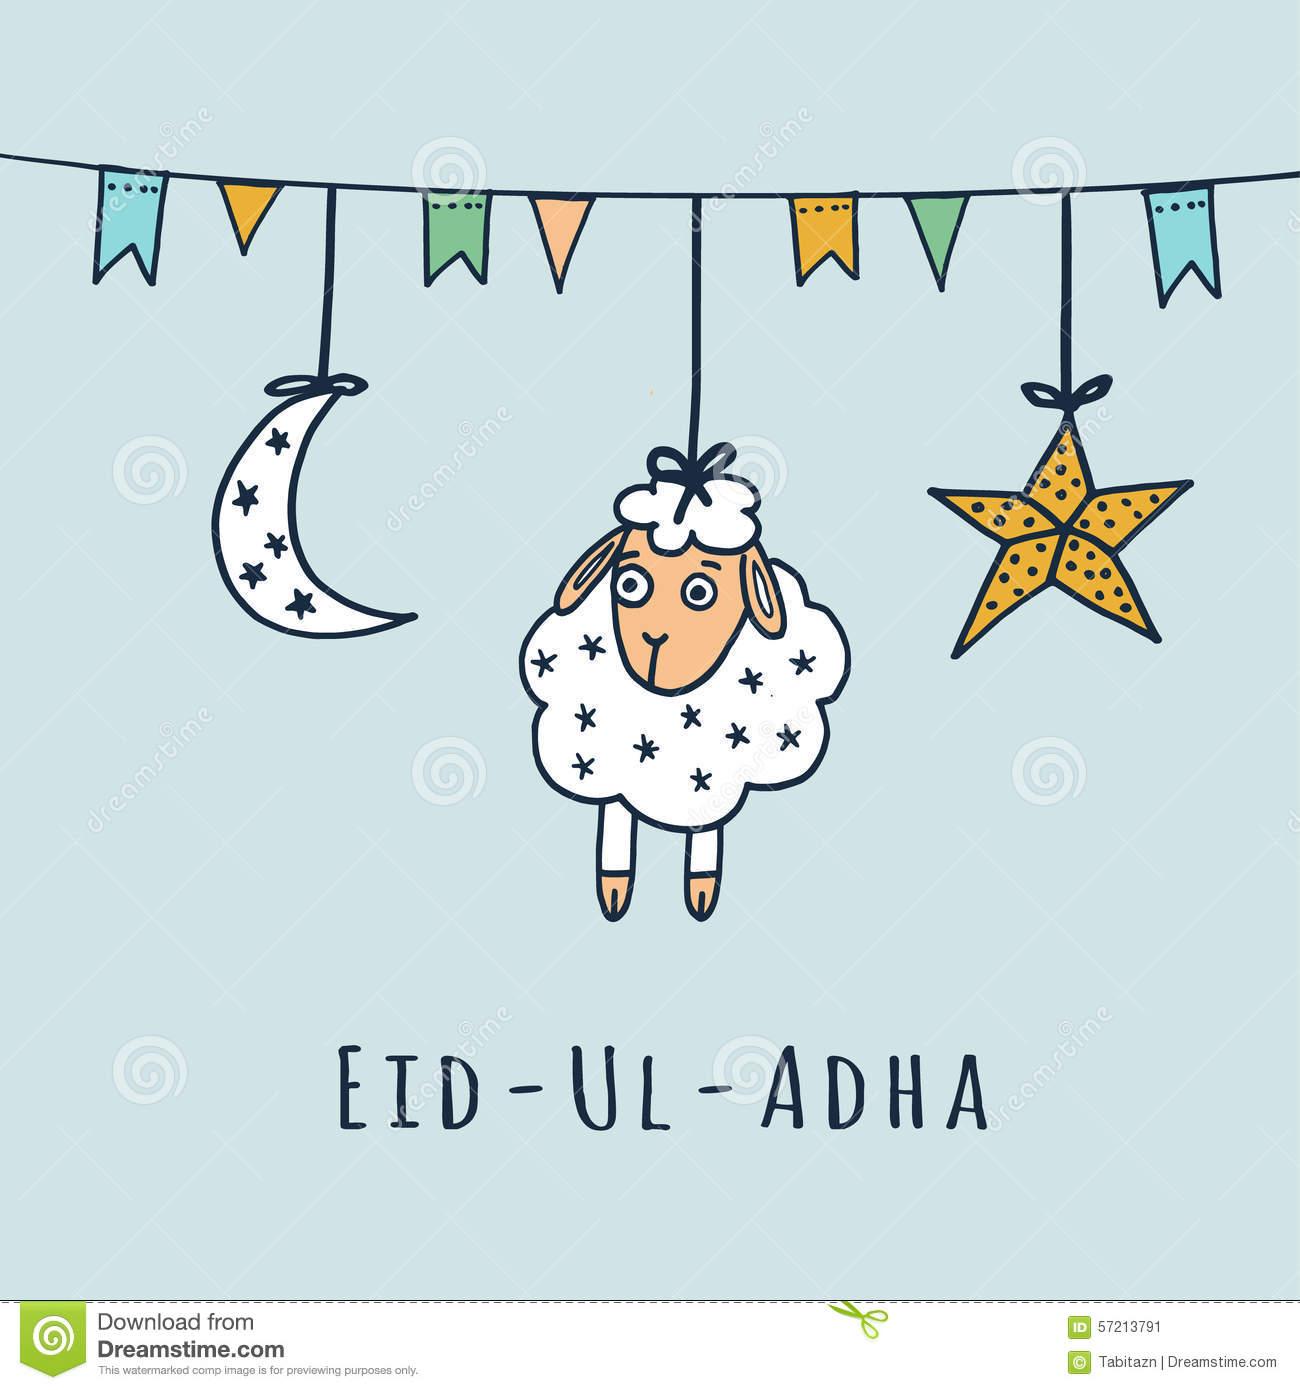 Eid Ul Adha Mubarak 2016